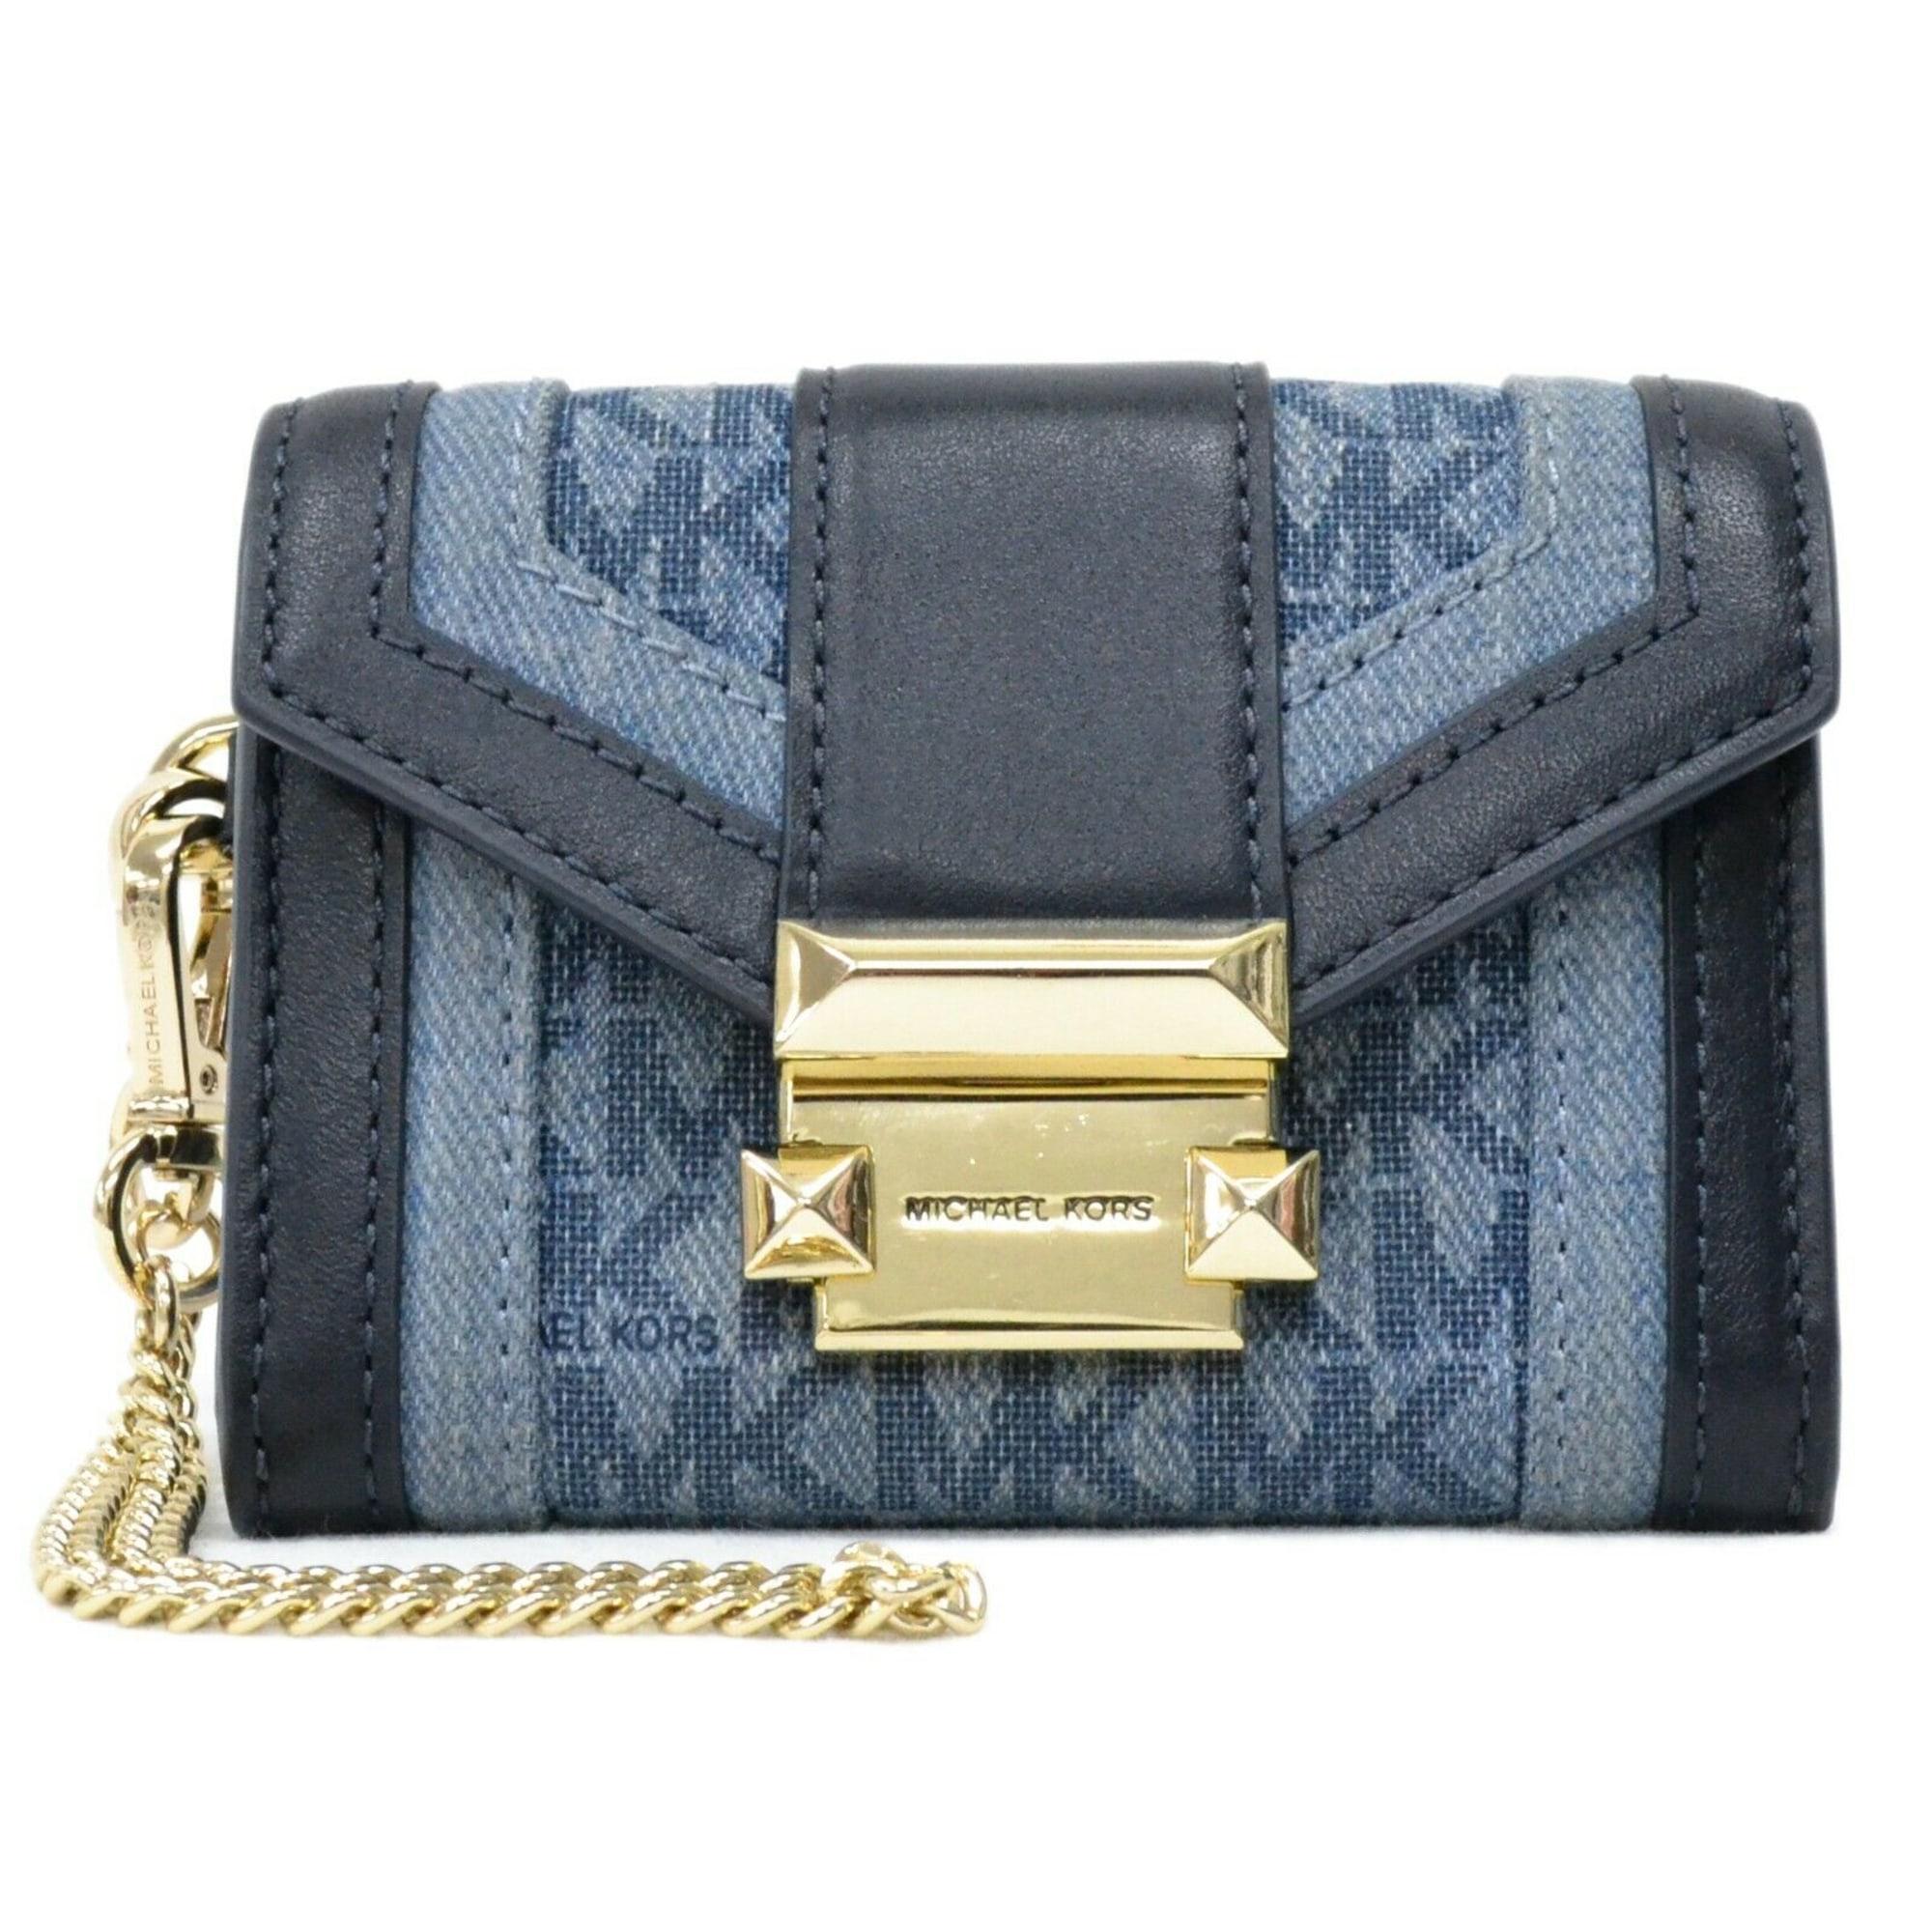 Portefeuille MICHAEL KORS Bleu, bleu marine, bleu turquoise